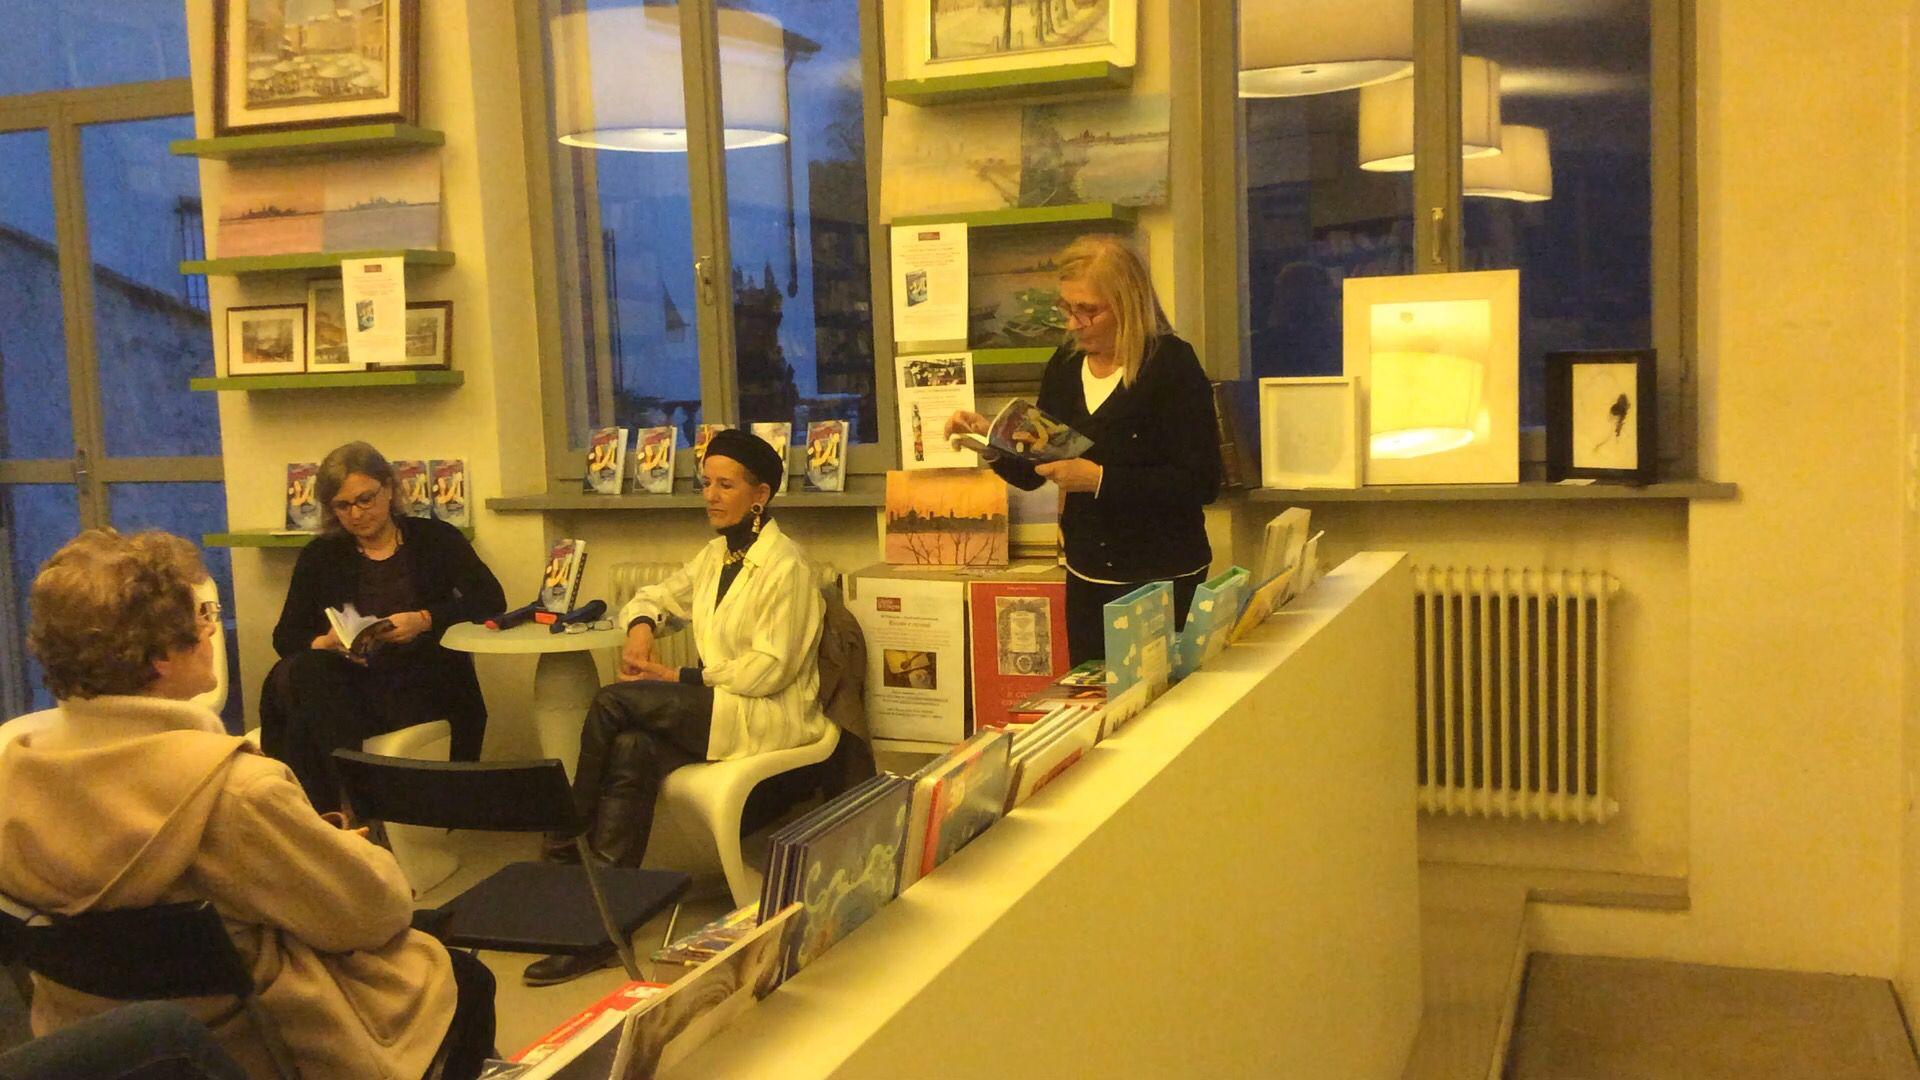 À gauche, Paola Cortese, au centre en blanc Amanda Castello, à droite en train de lire un extrait du livre, la propriétaire de la librairie, Marina Pellegrini.